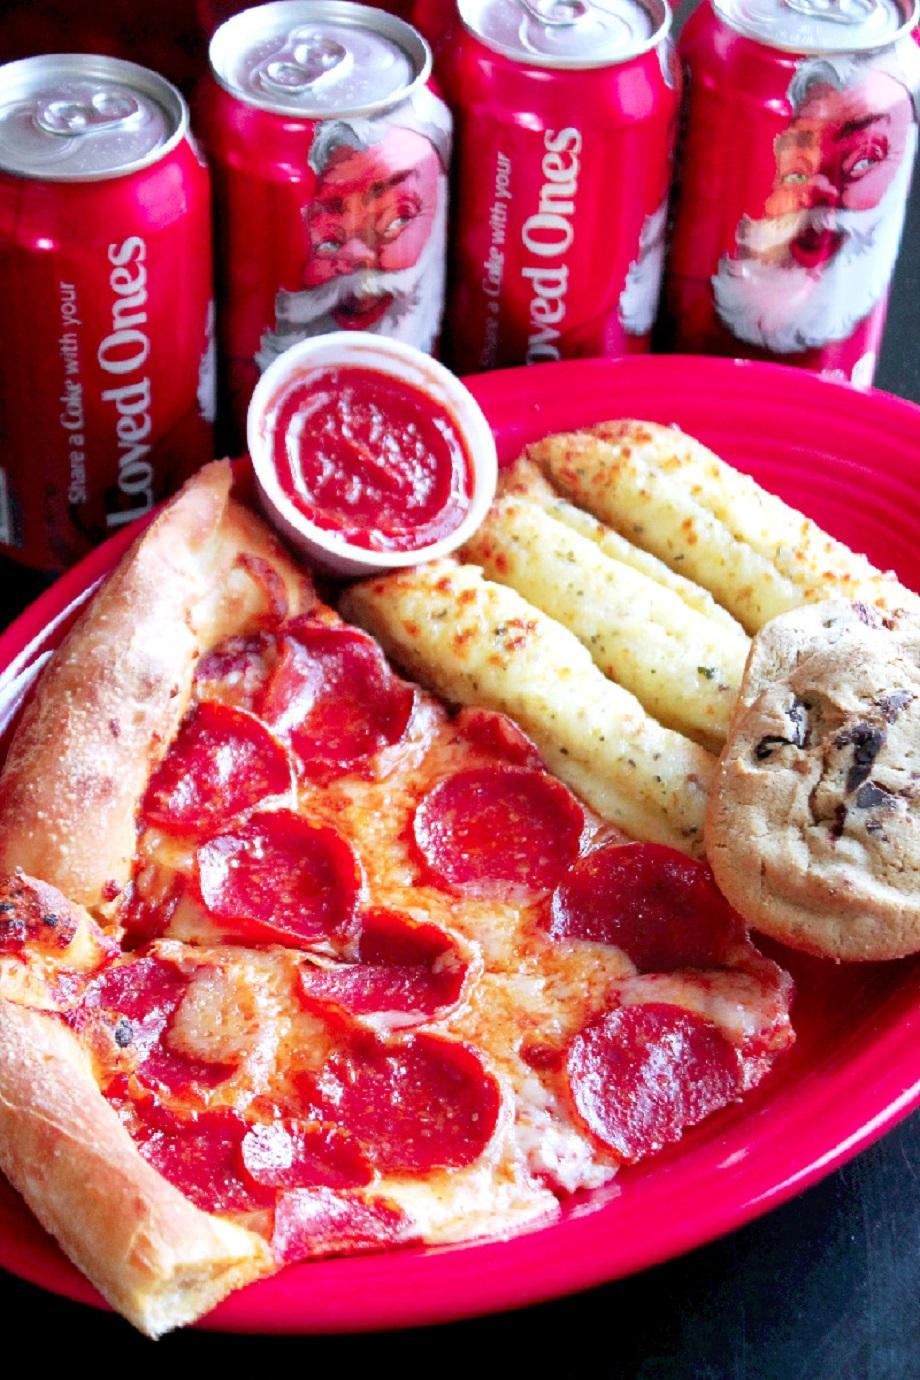 Coca Cola Family Pizza Combo at Sam's Club-Creole Contessa